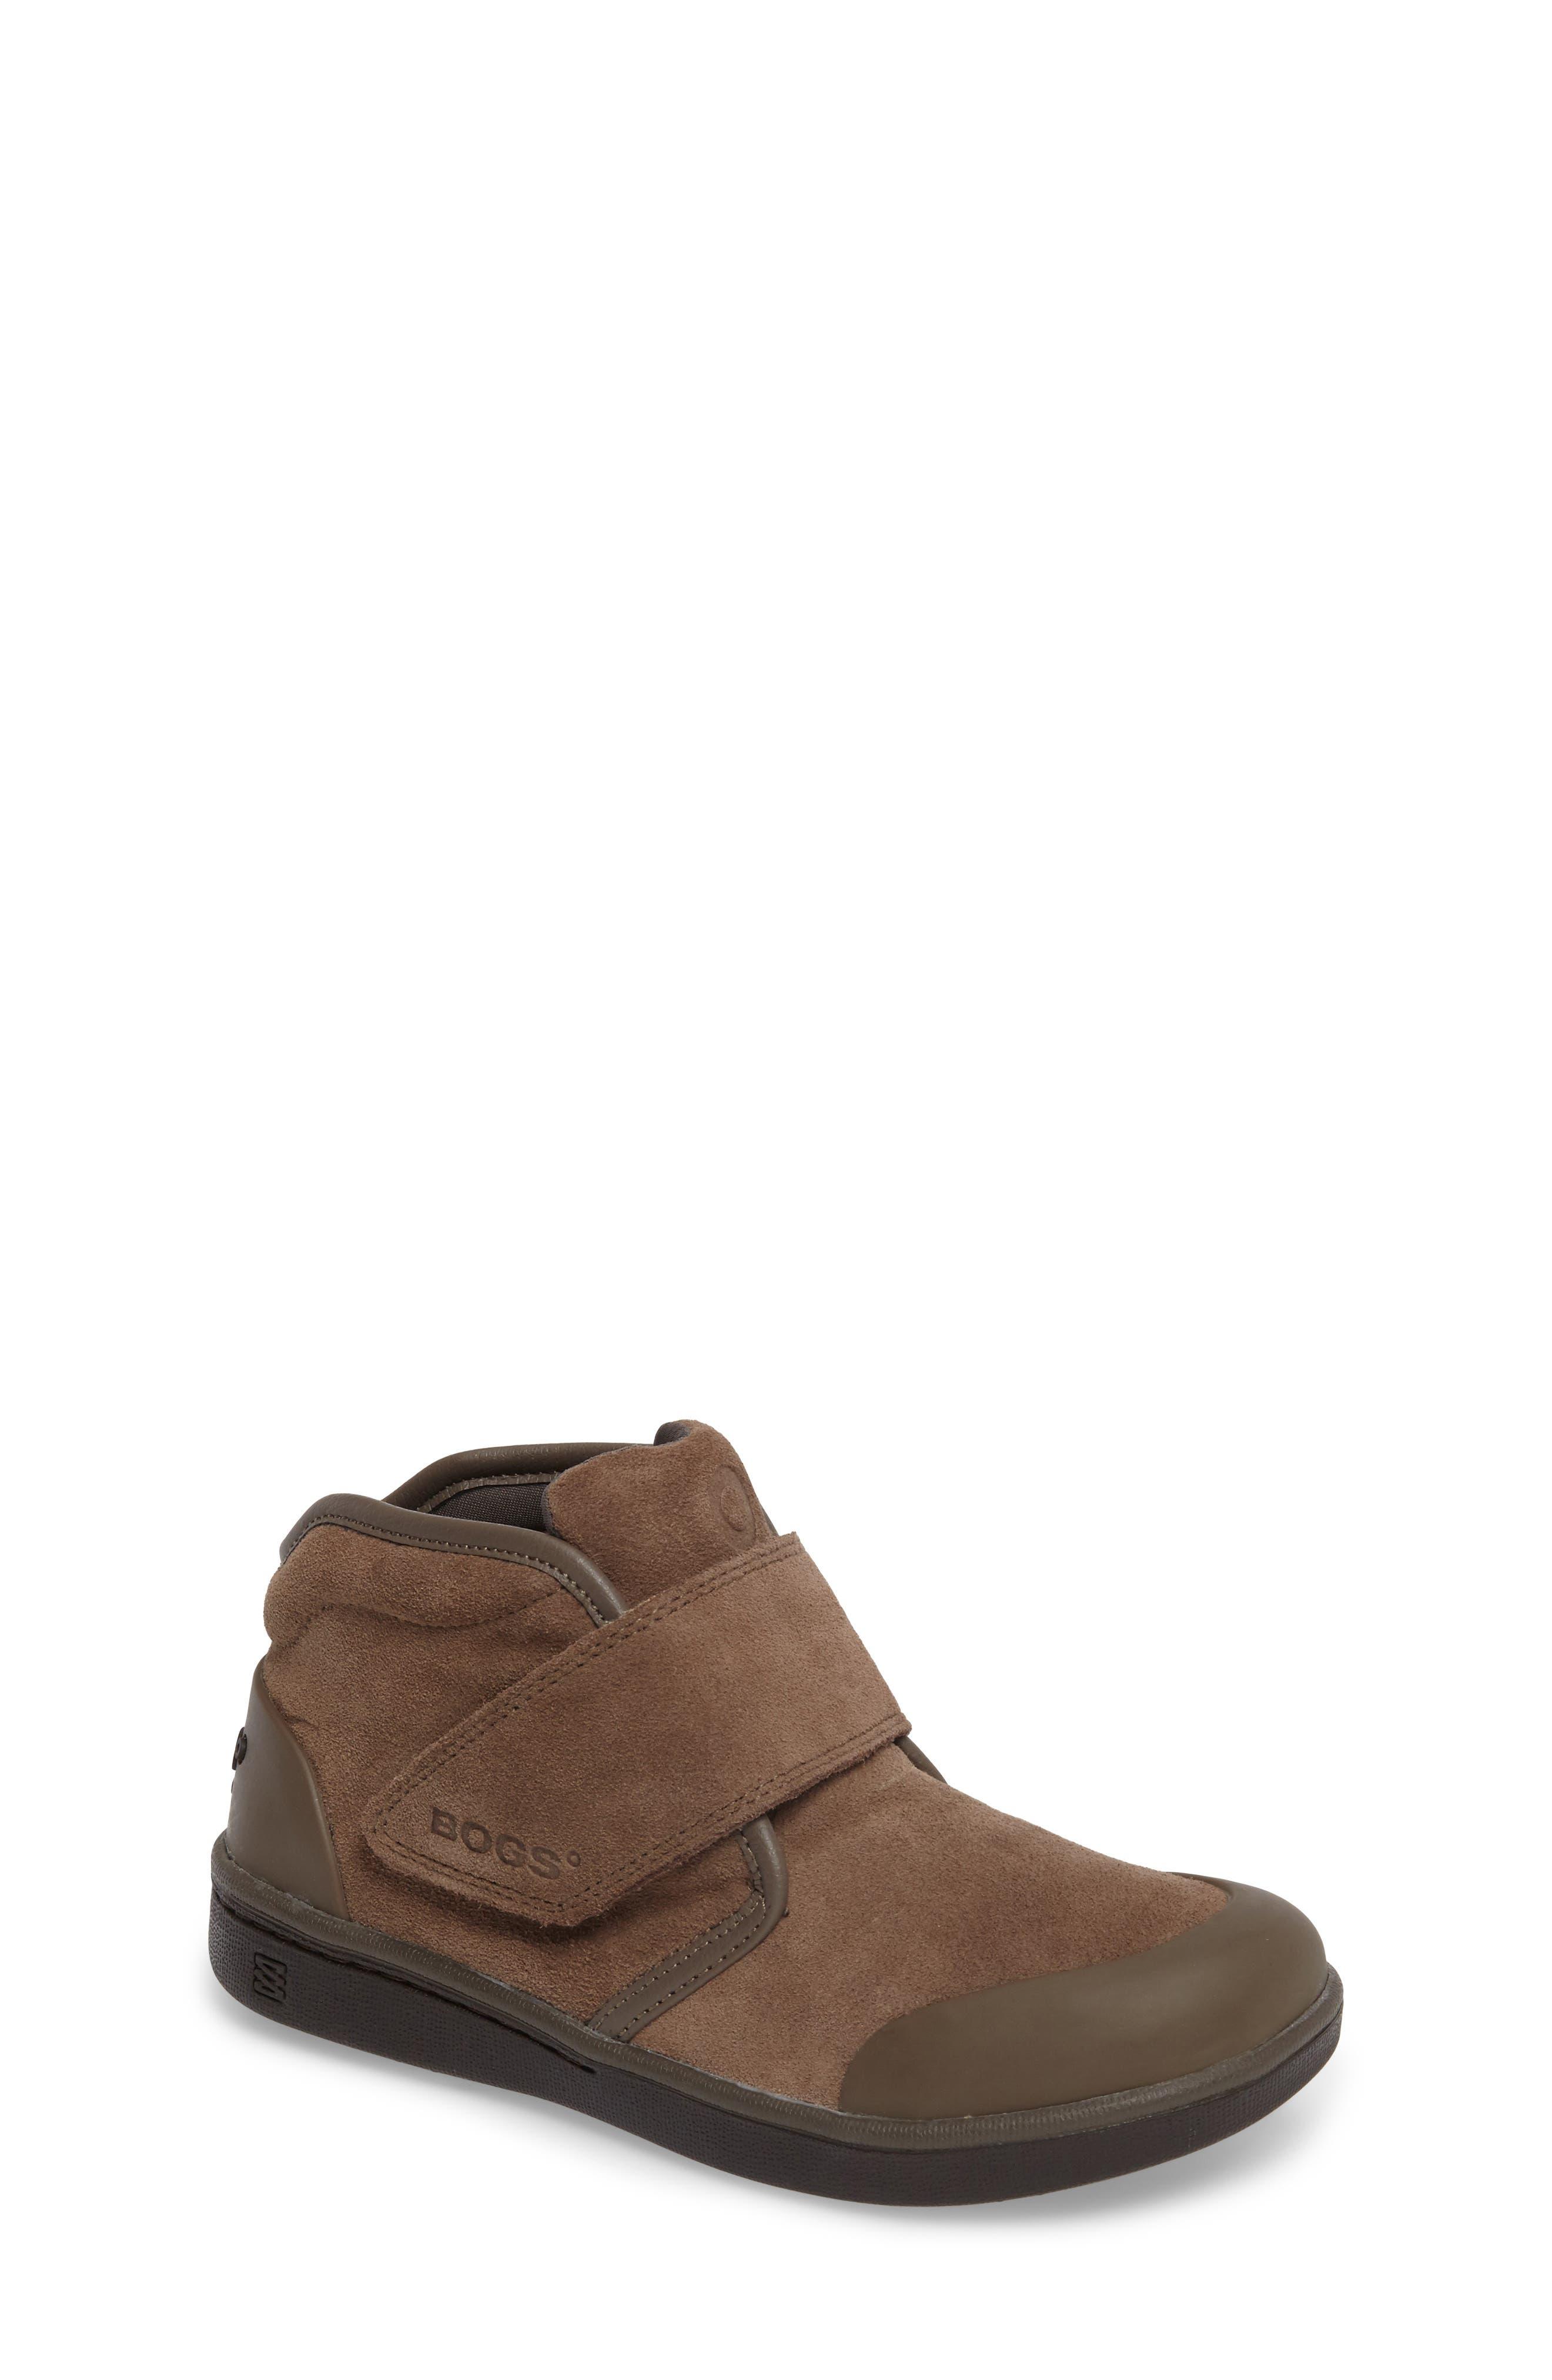 Bogs 'Sammy' Waterproof Sneaker (Walker, Toddler & Little Kid)